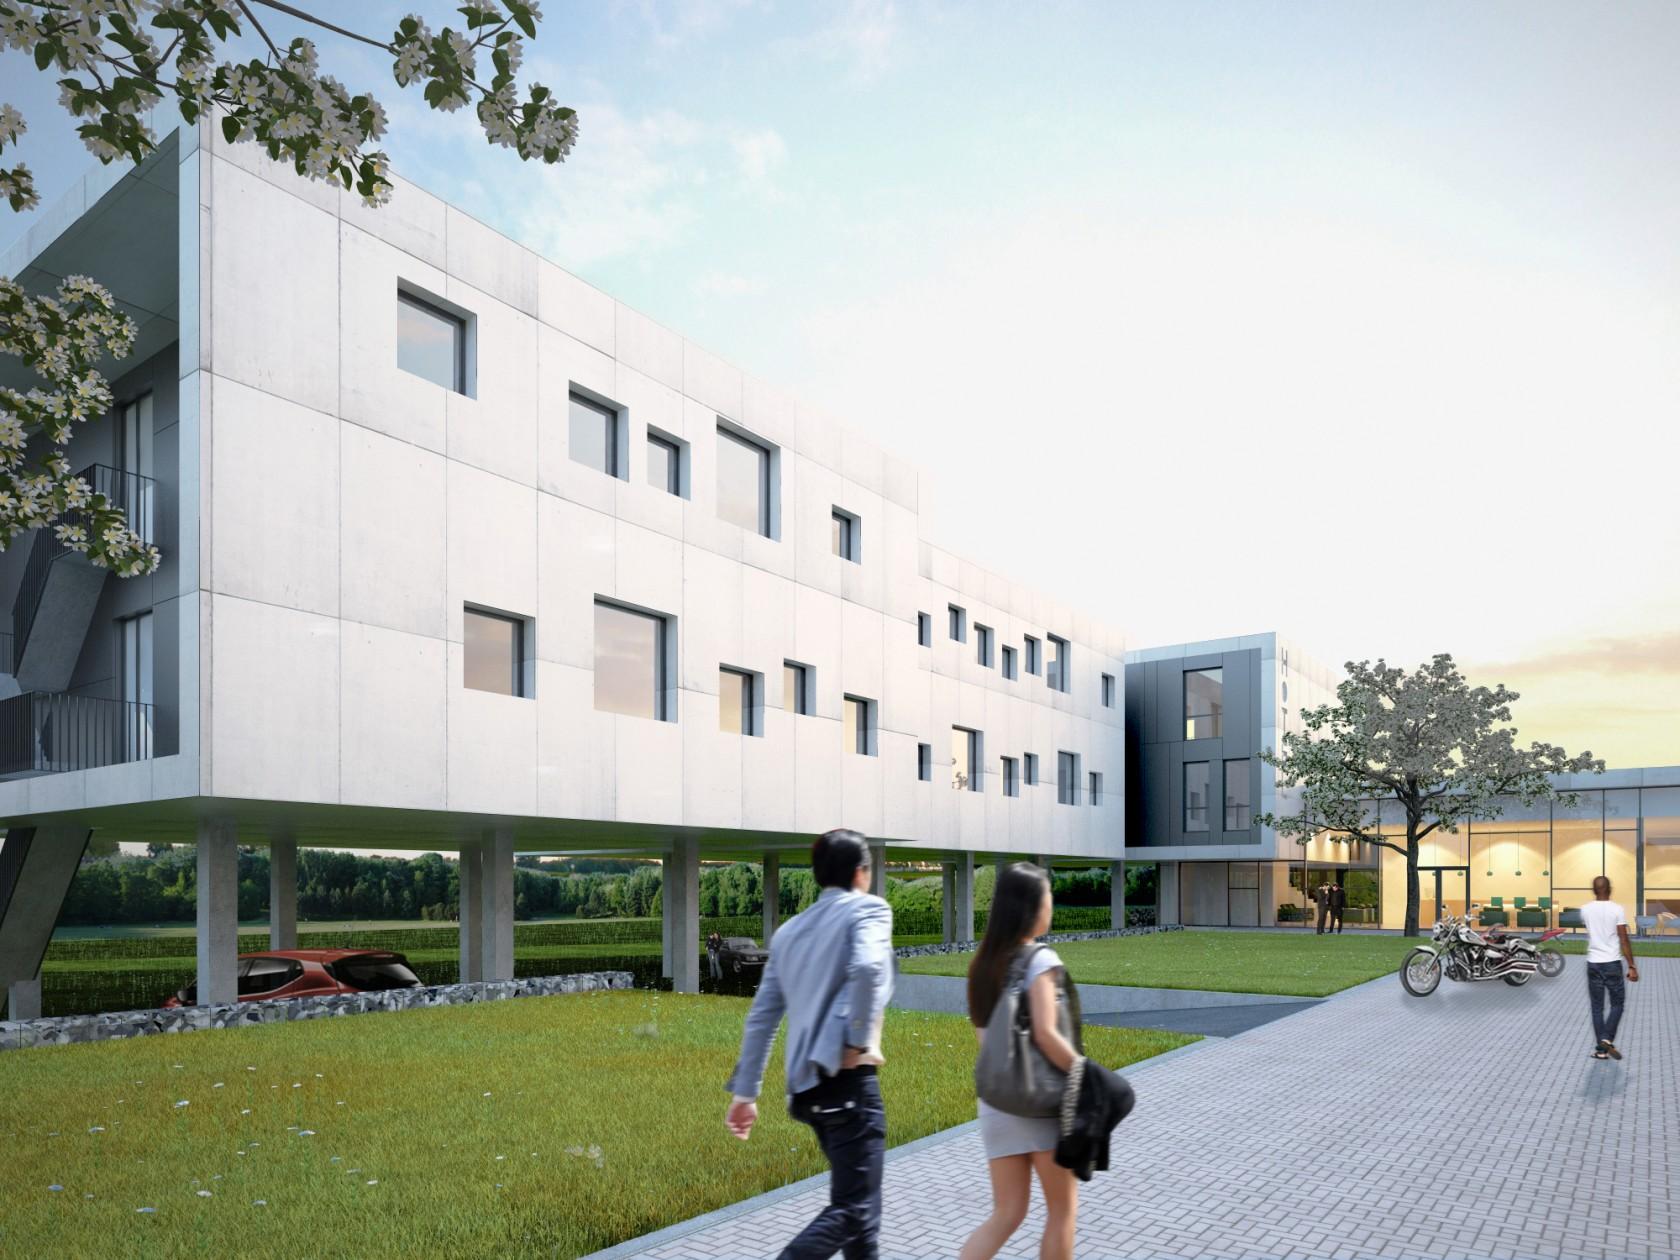 Abscis Architecten - Wandelpad langs hotel richting shop - visualisatie Abscis Architecten